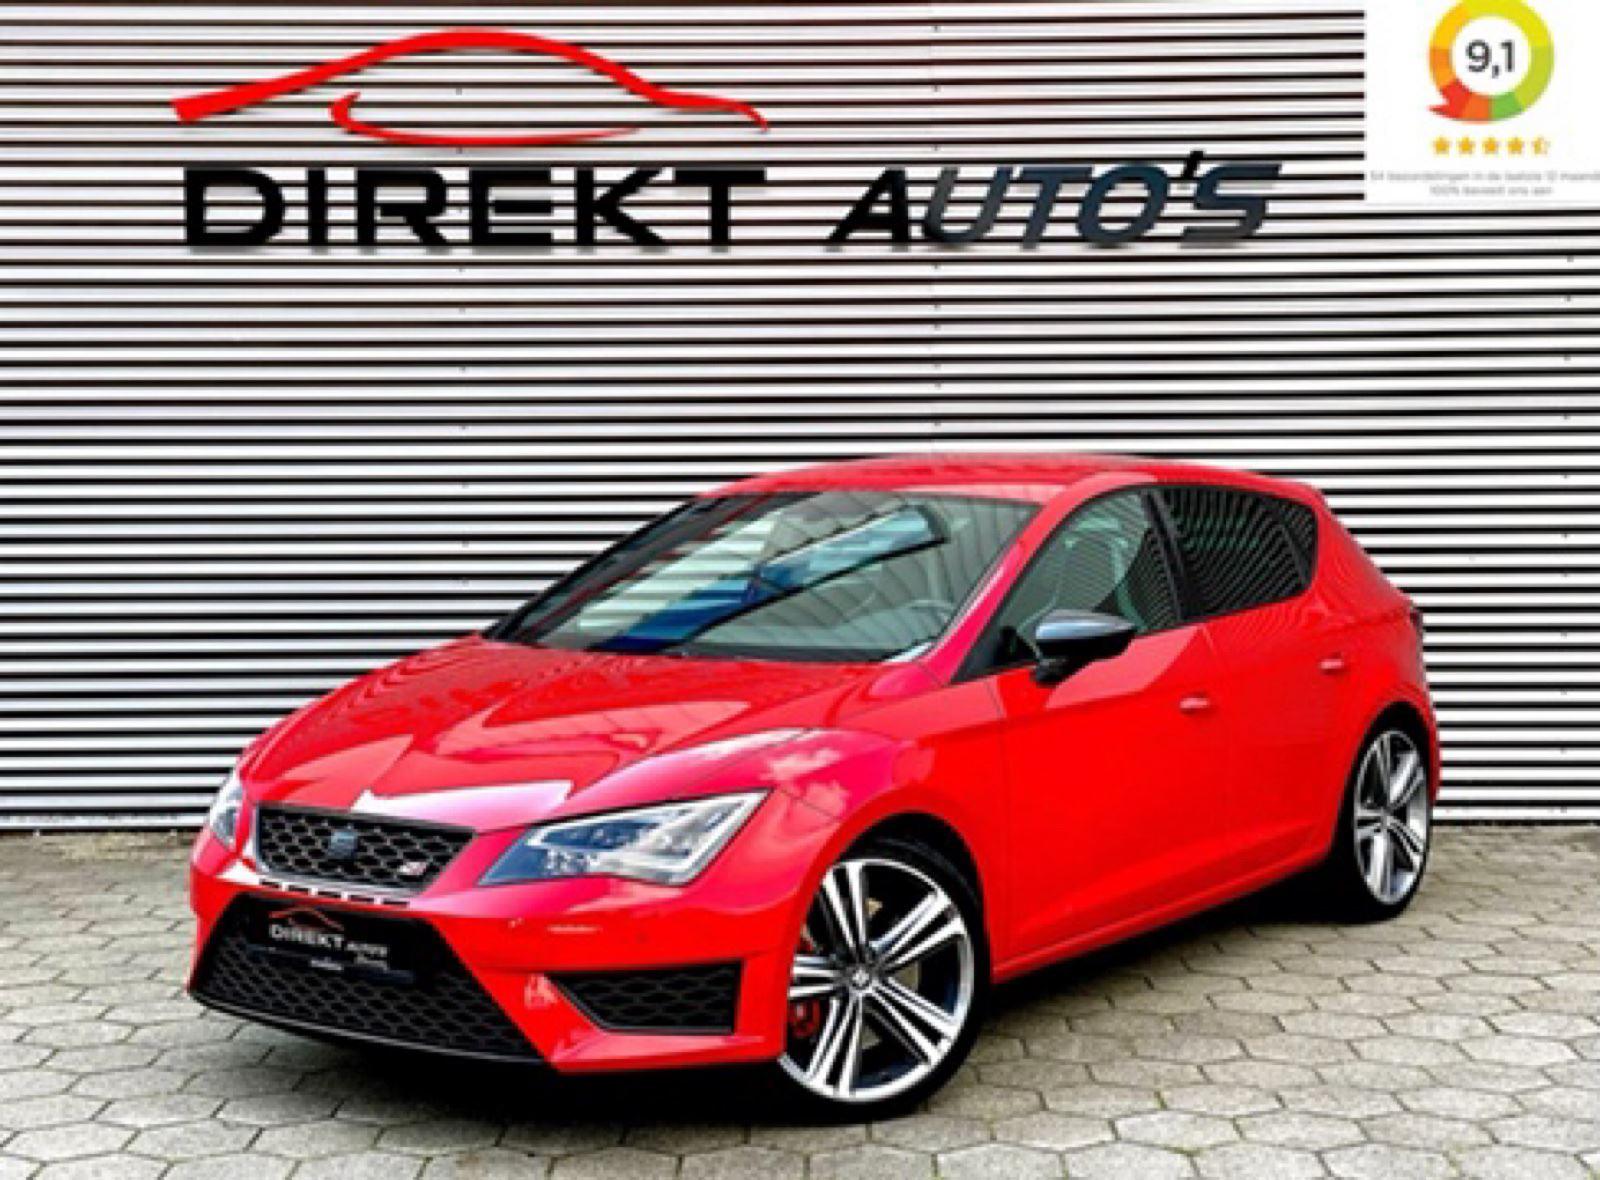 Seat Leon occasion - Direkt Auto's